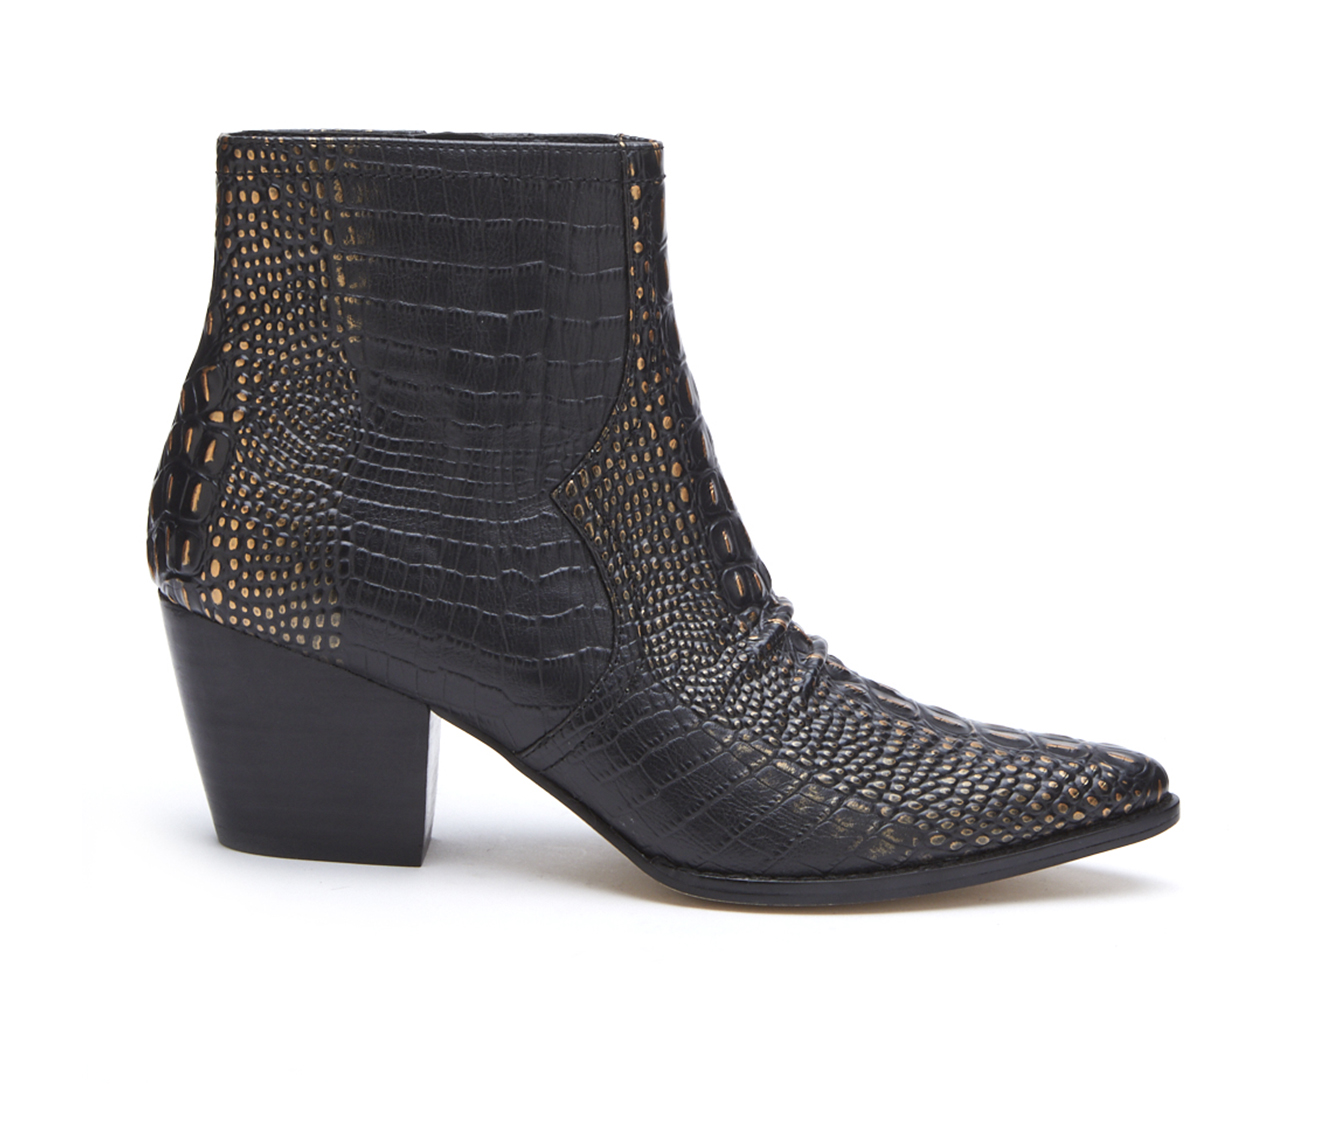 Coconuts Devon Women's Boots (Black - Faux Leather)